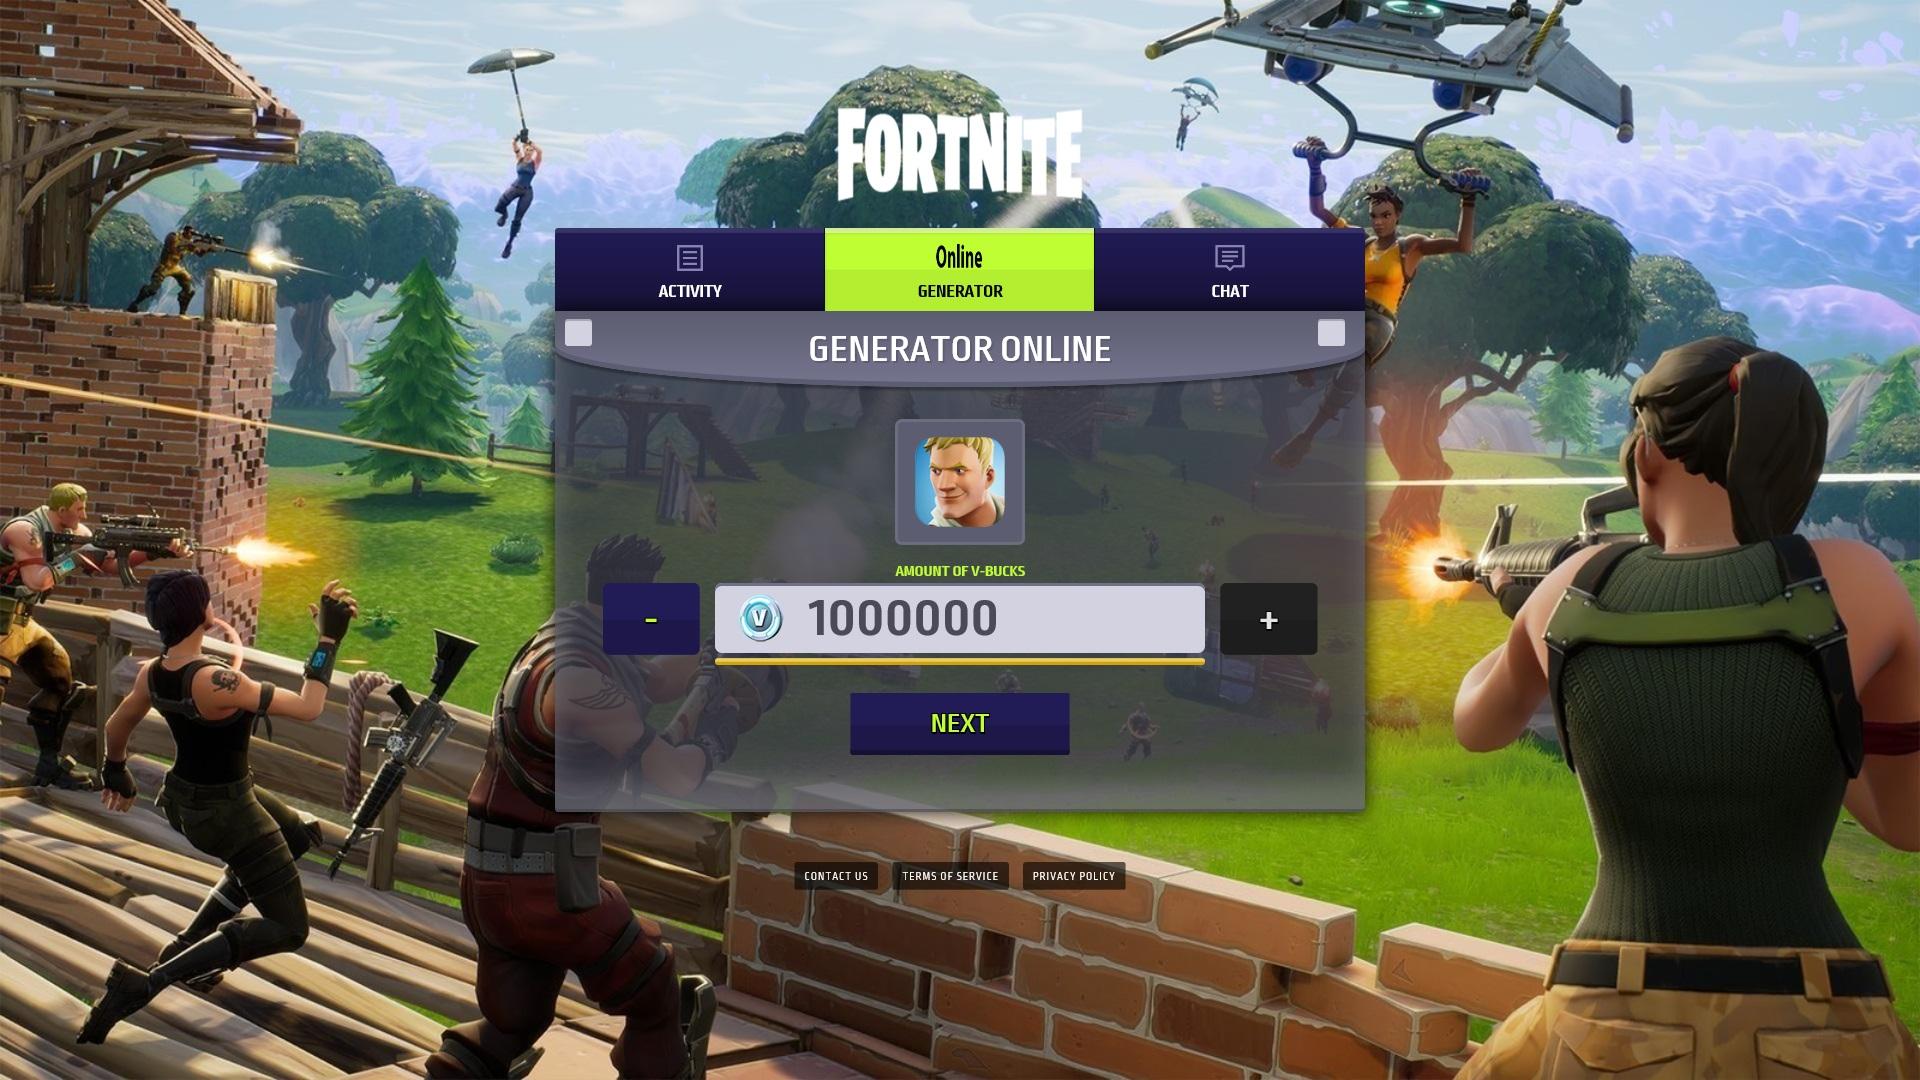 Fortnite Hack Mod – Get V-Bucks | Game Online Generator